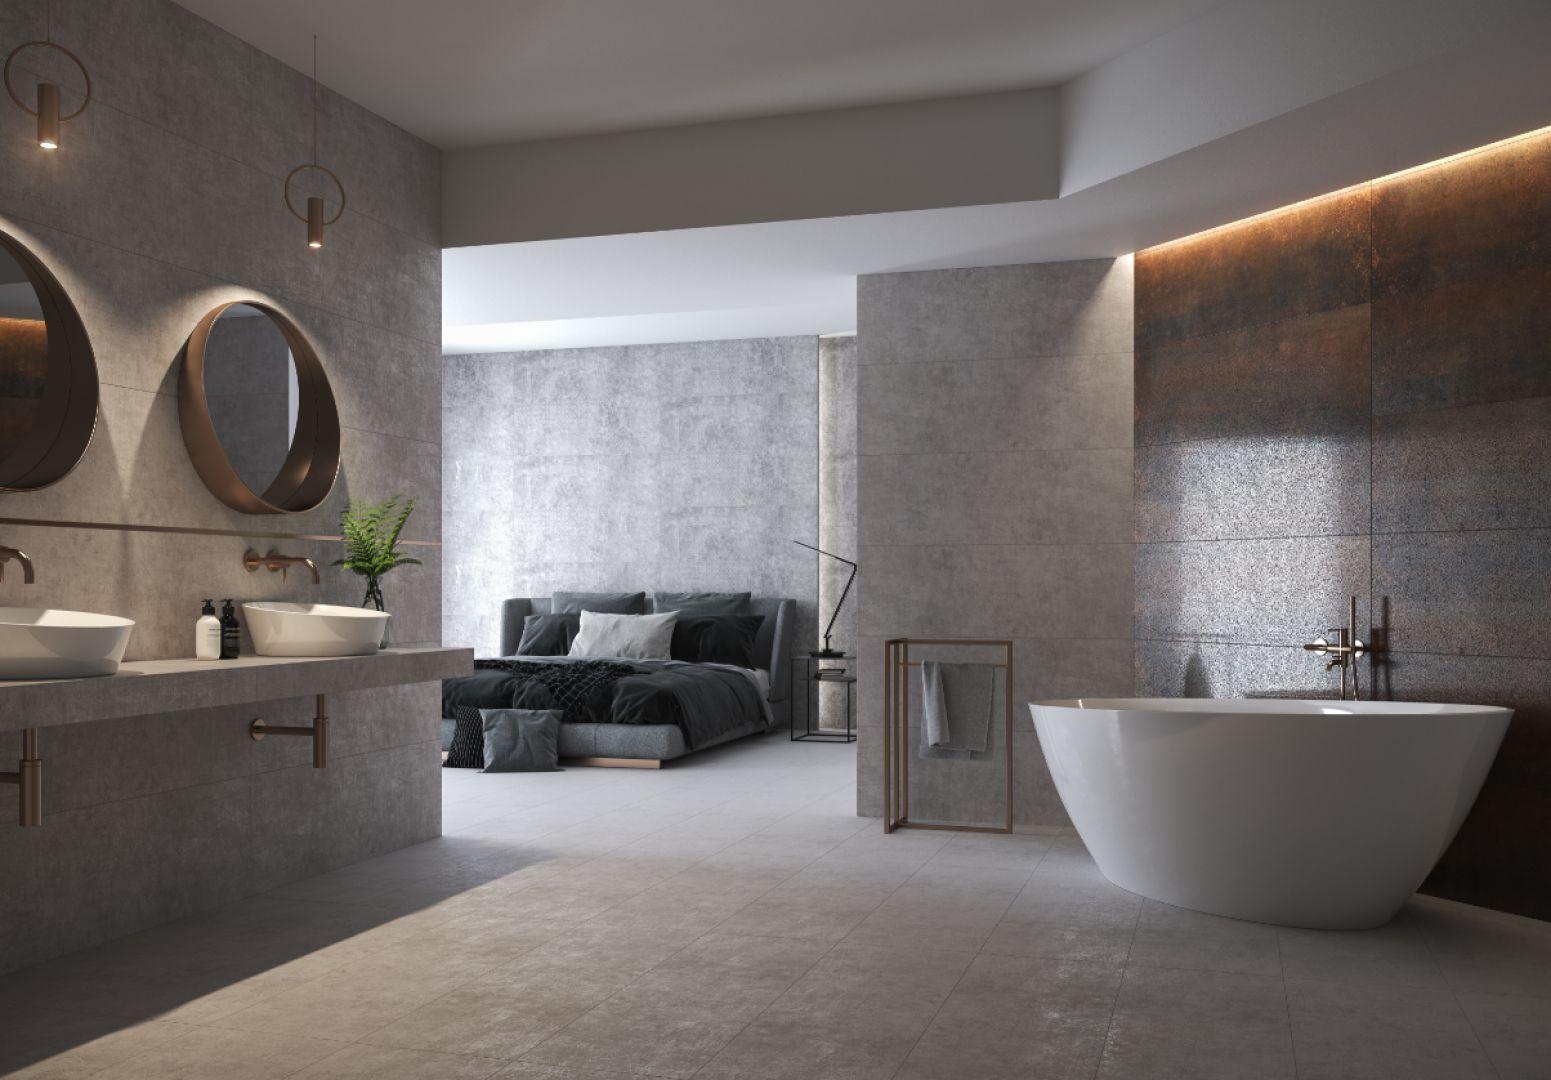 Kolekcja Divena pasuje zarówno do łazienki, jak i sypialni, a płytki położone w obu pomieszczeniach zapewnią im spójną całość. Fot. Cersanit